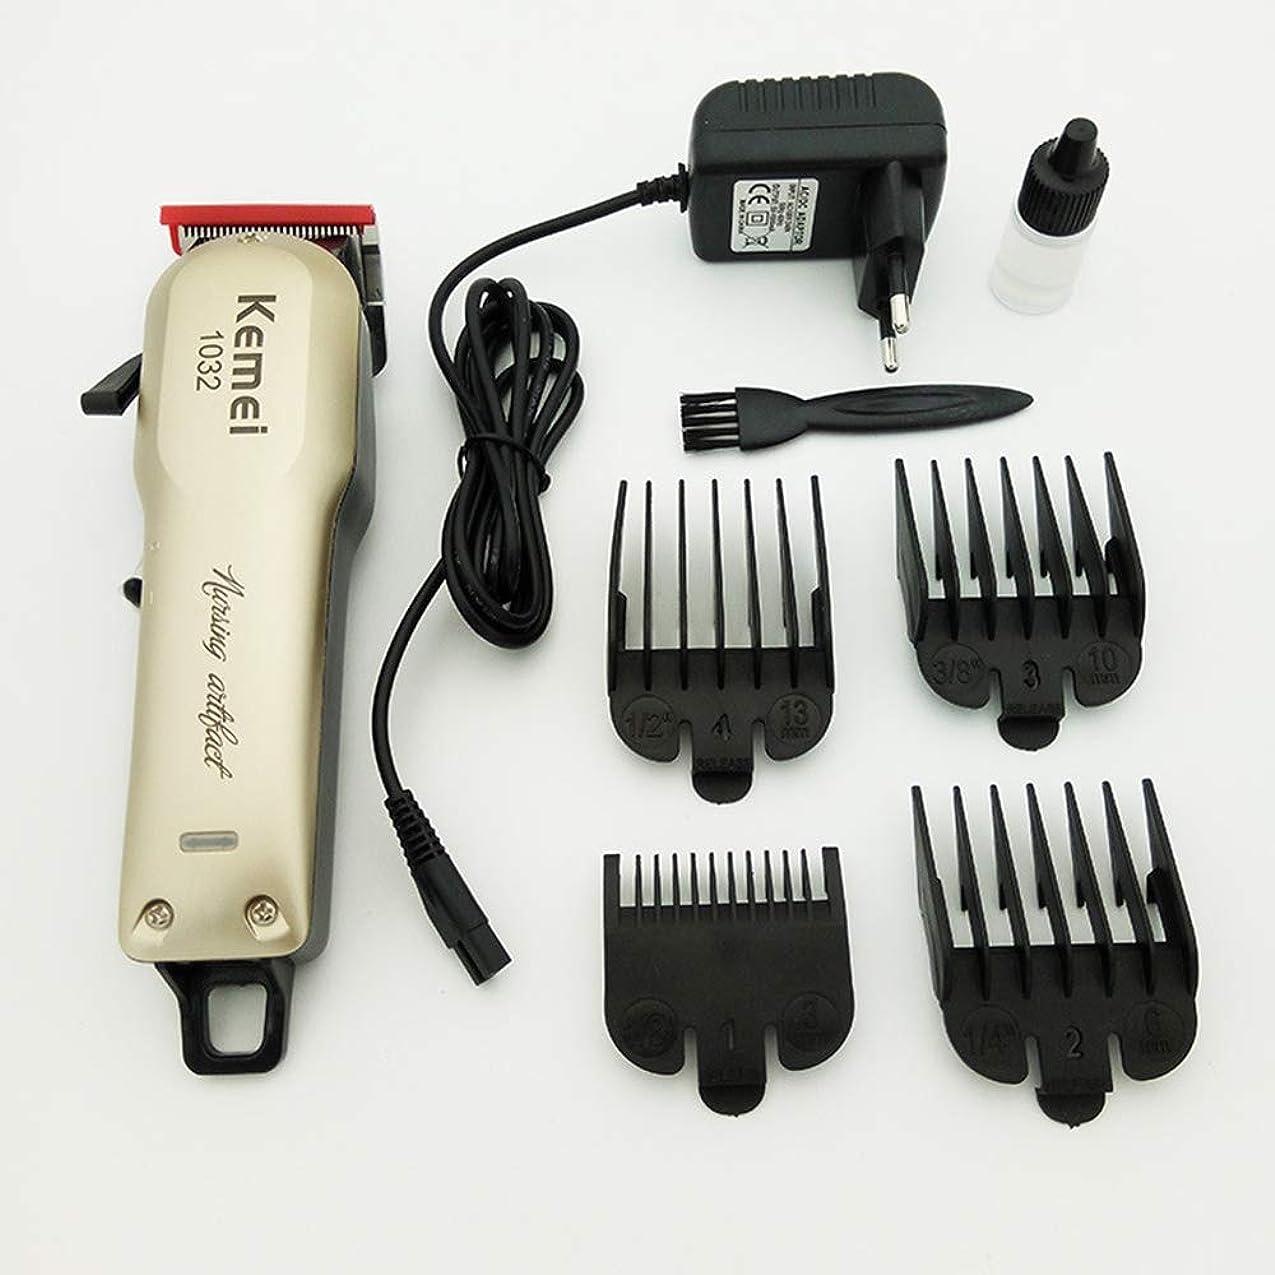 ずんぐりしたスマート月バリカン、強力な髪ひげトリマープロフェッショナル電気バリカンコードレスヘアカット機で櫛理髪店